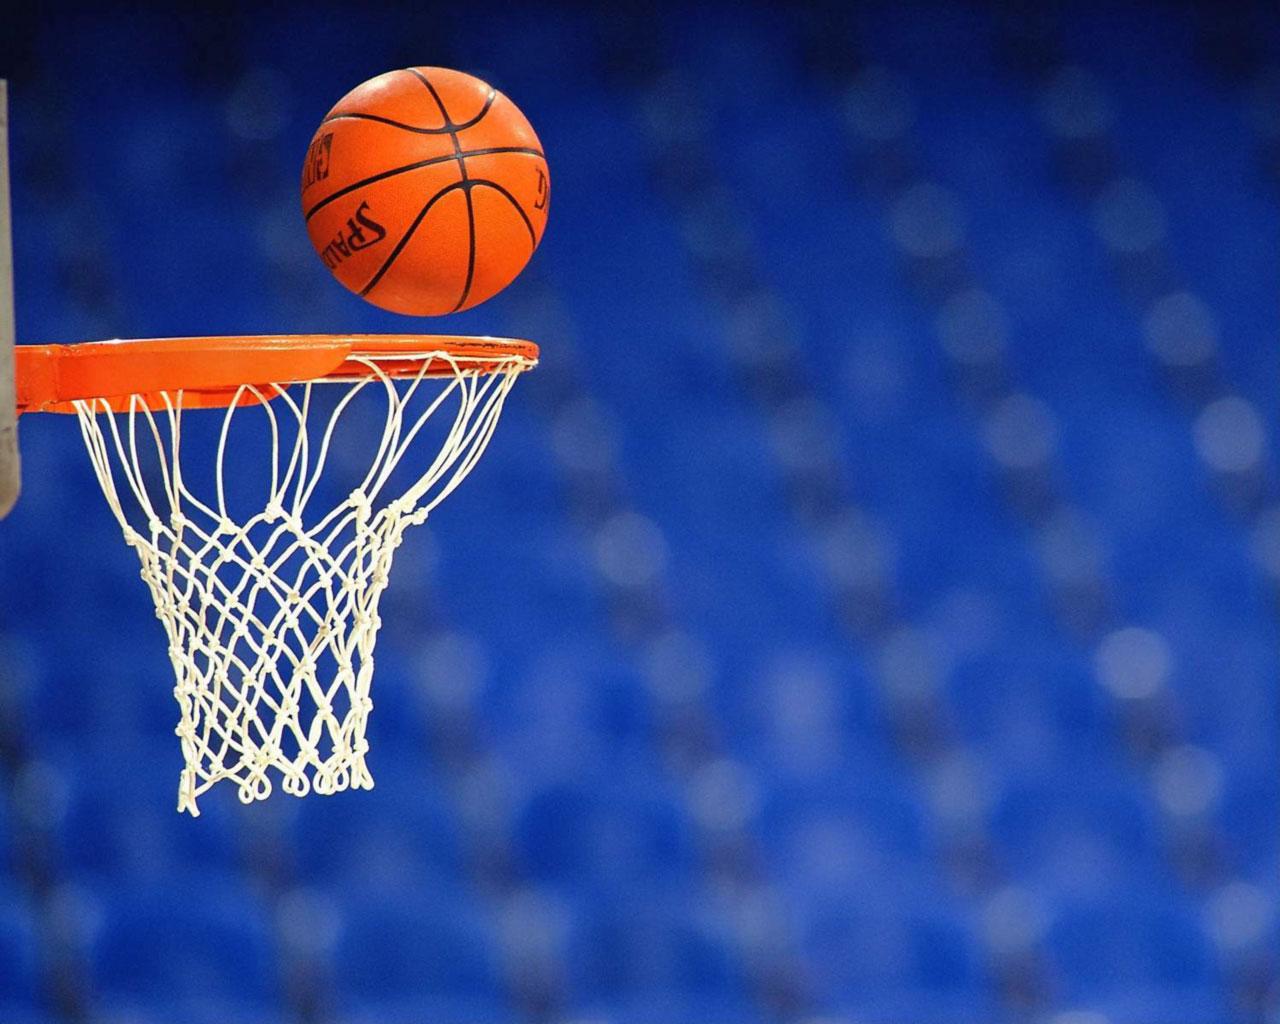 Sport Wallpaper Basketball: Basketball HD Wallpapers